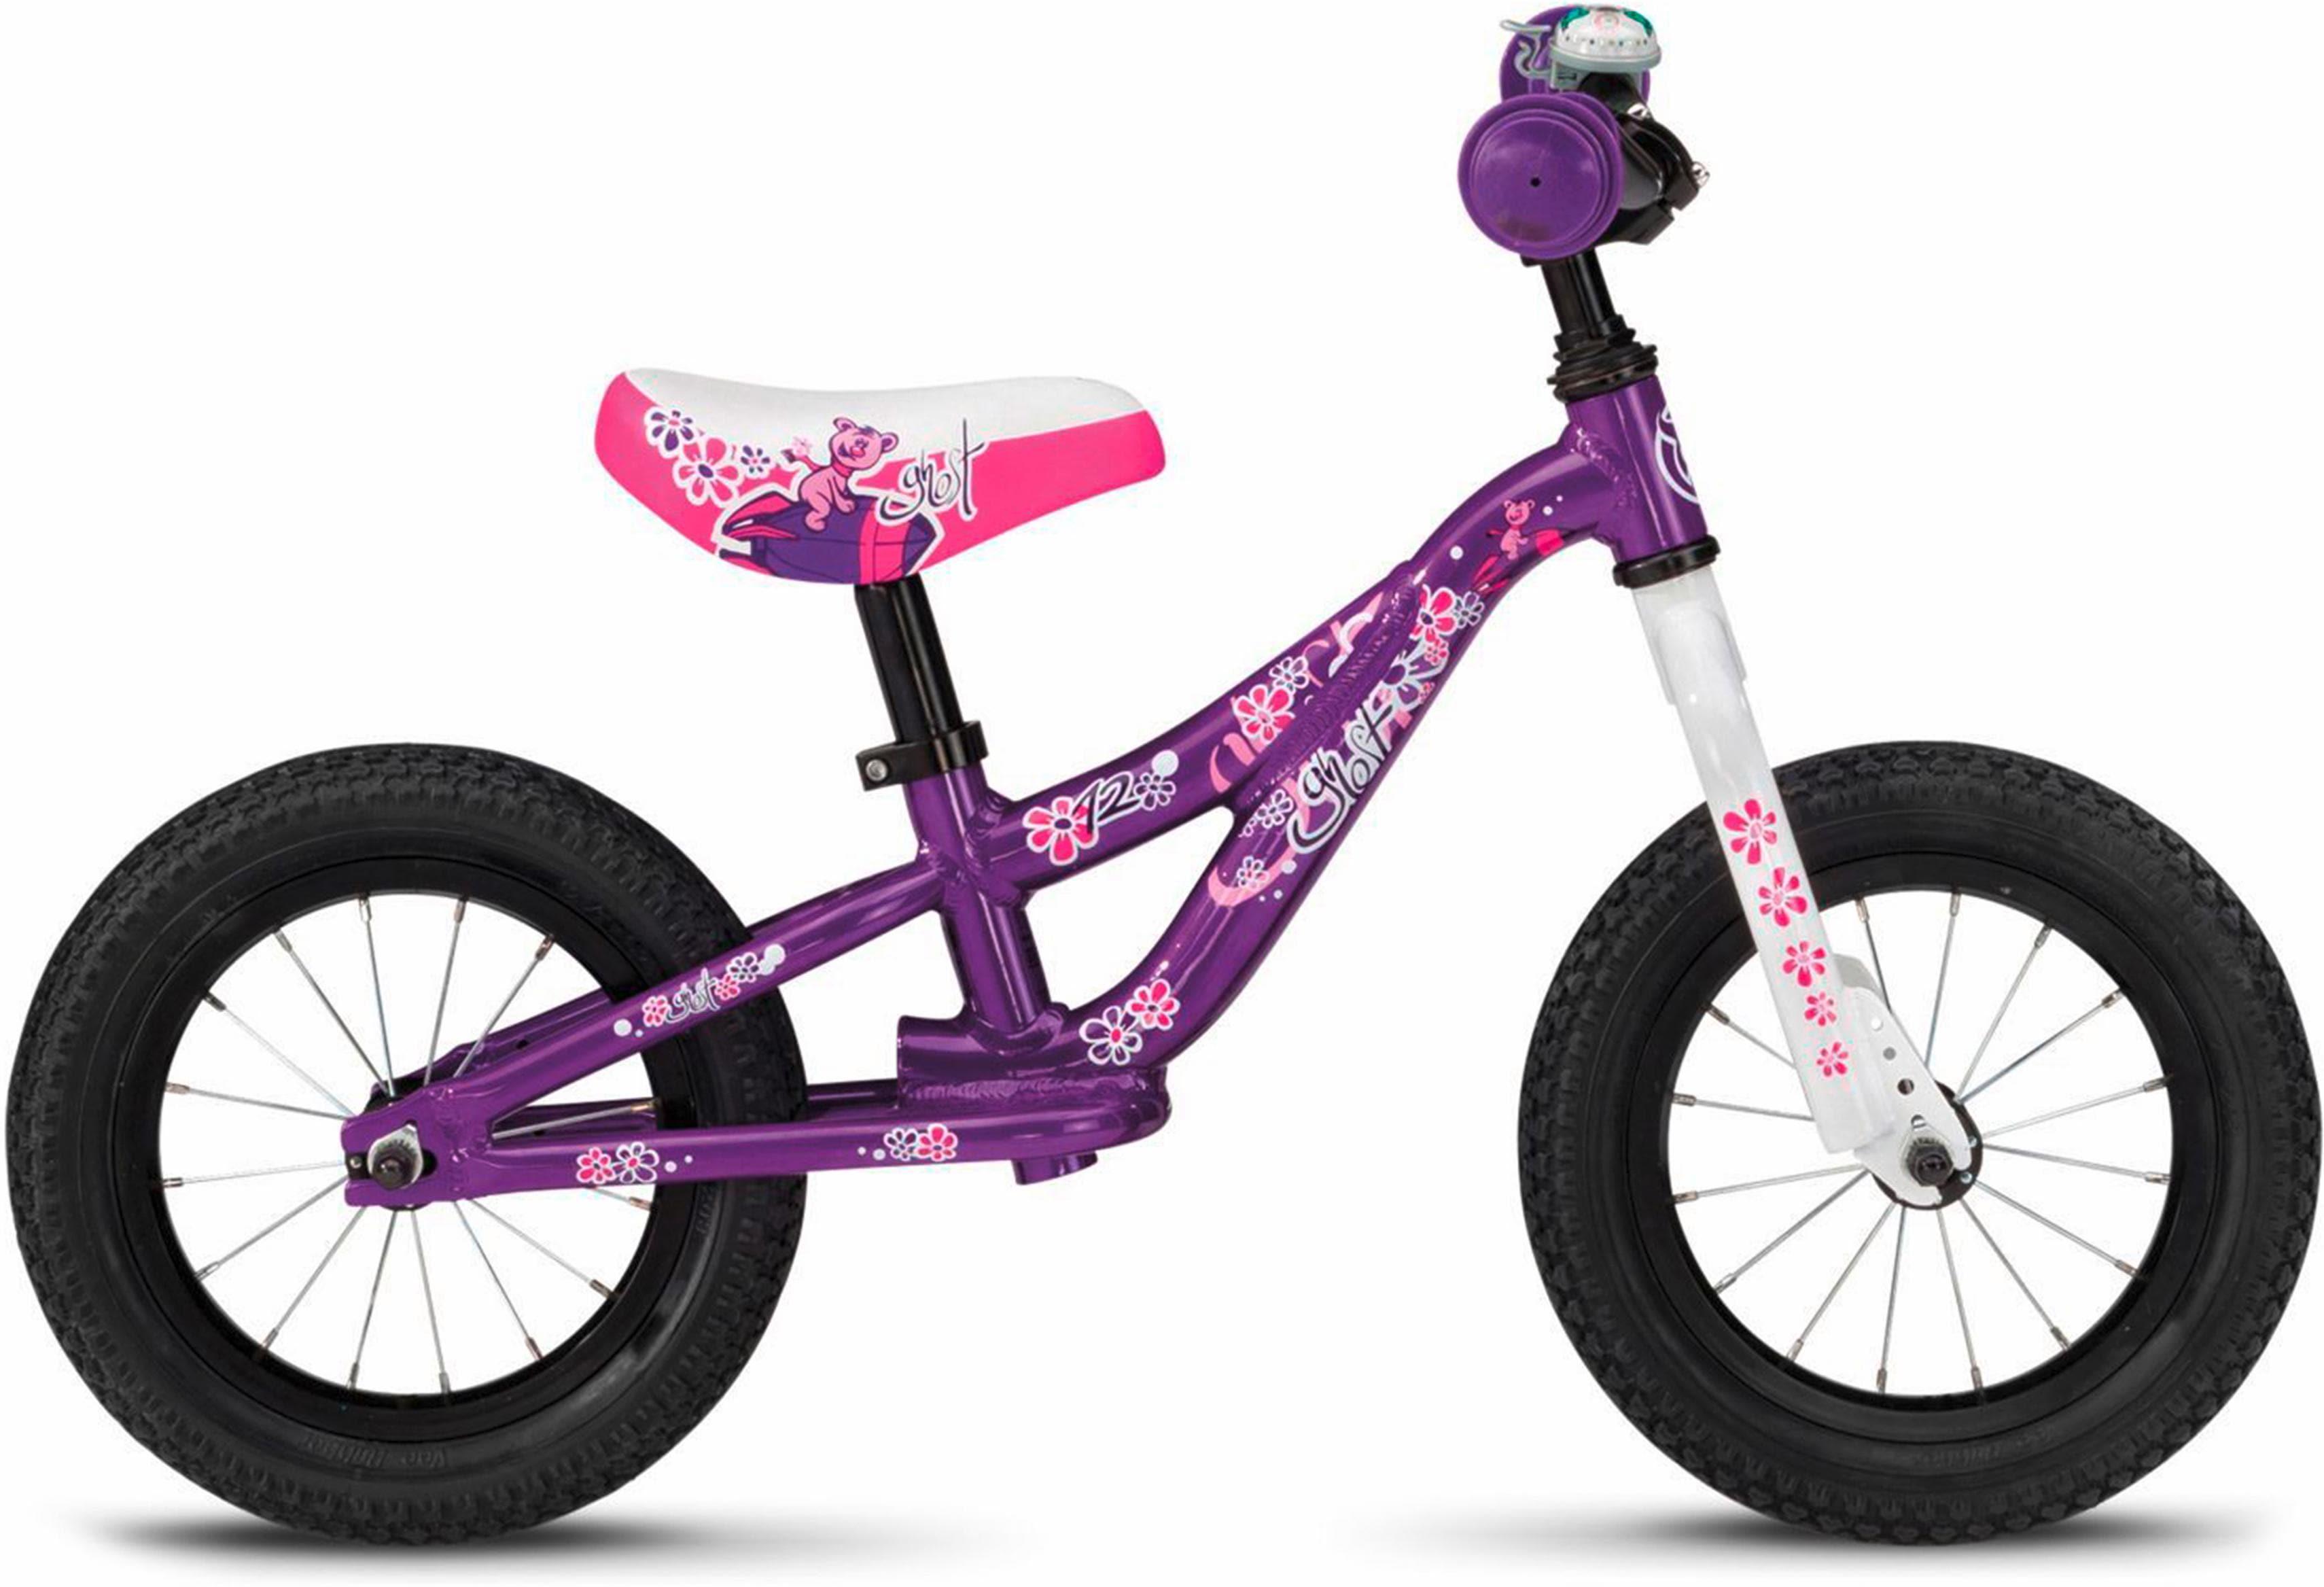 Ghost Kinderfahrrad POWERKIDDY AL 12 K lila Kinder Kinderfahrräder Fahrräder Zubehör Fahrrad